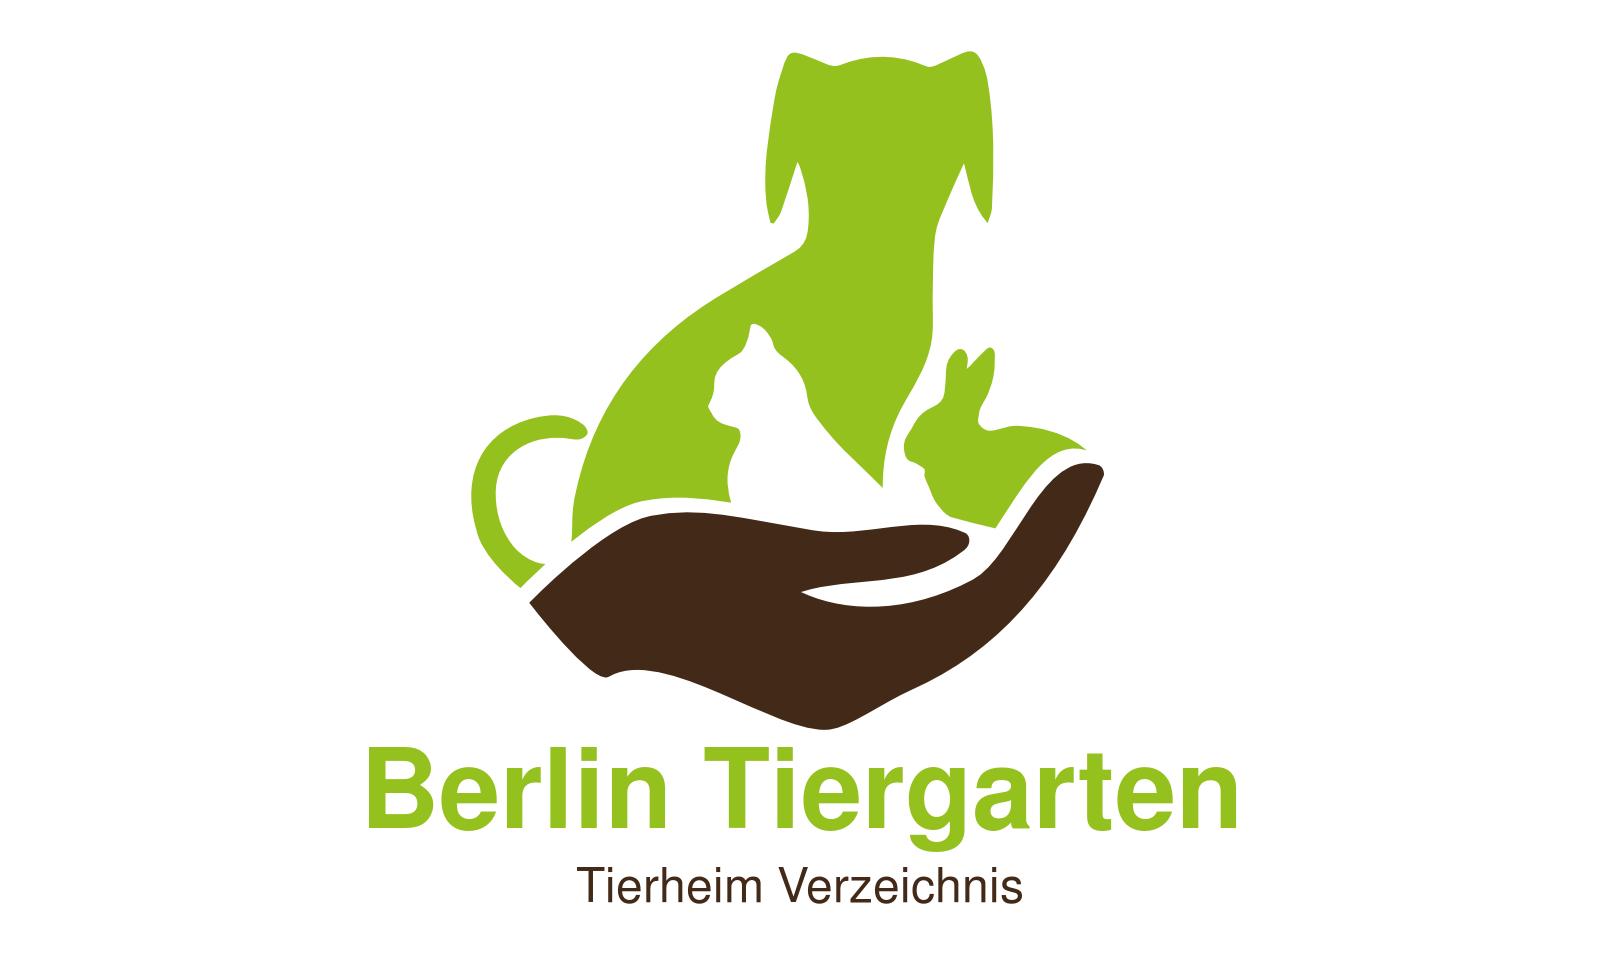 Tierheim Berlin Tiergarten